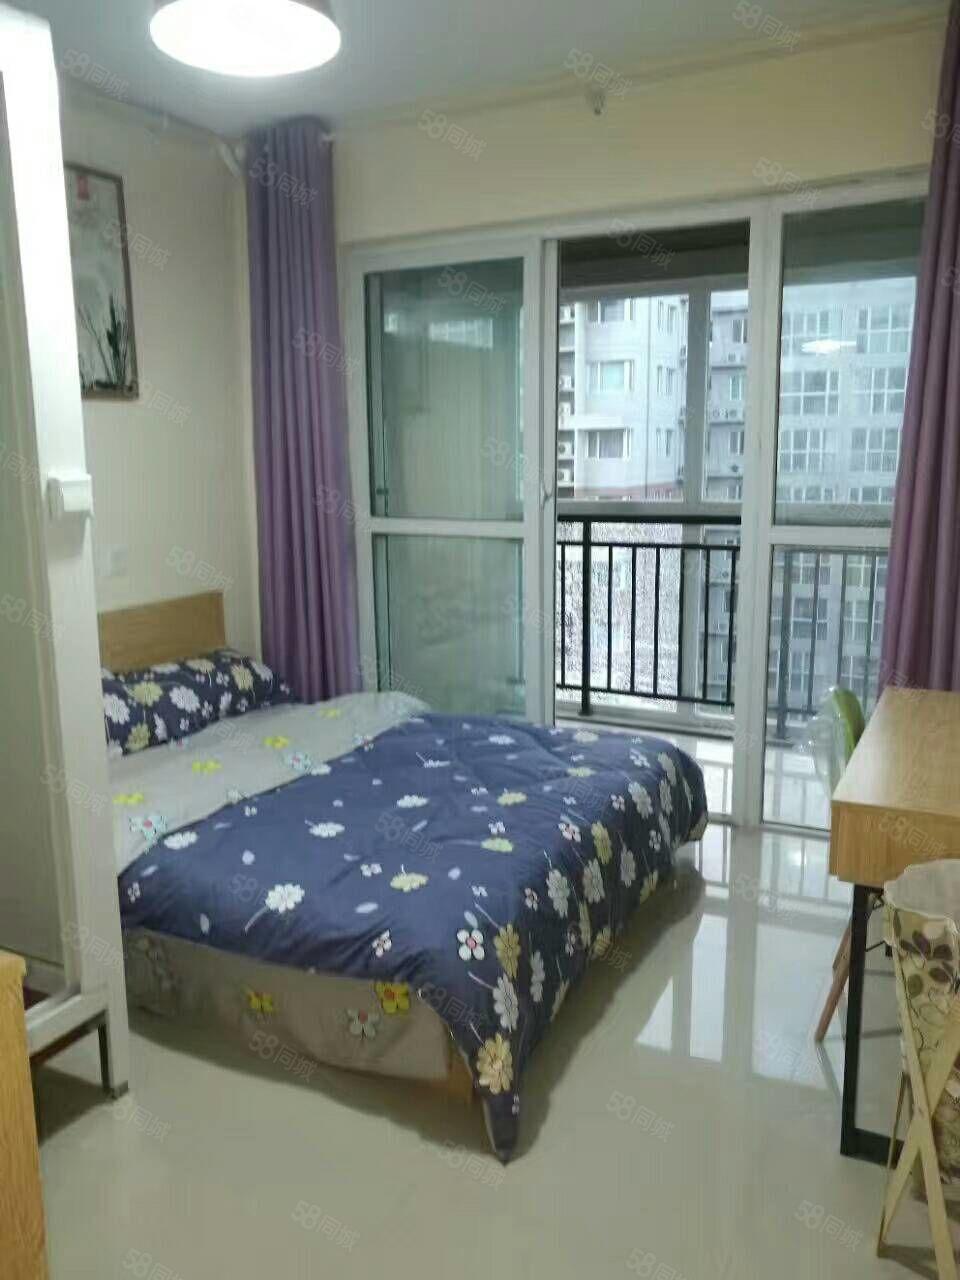 文化路东风路精装公寓家电齐全,新房首租房租月付